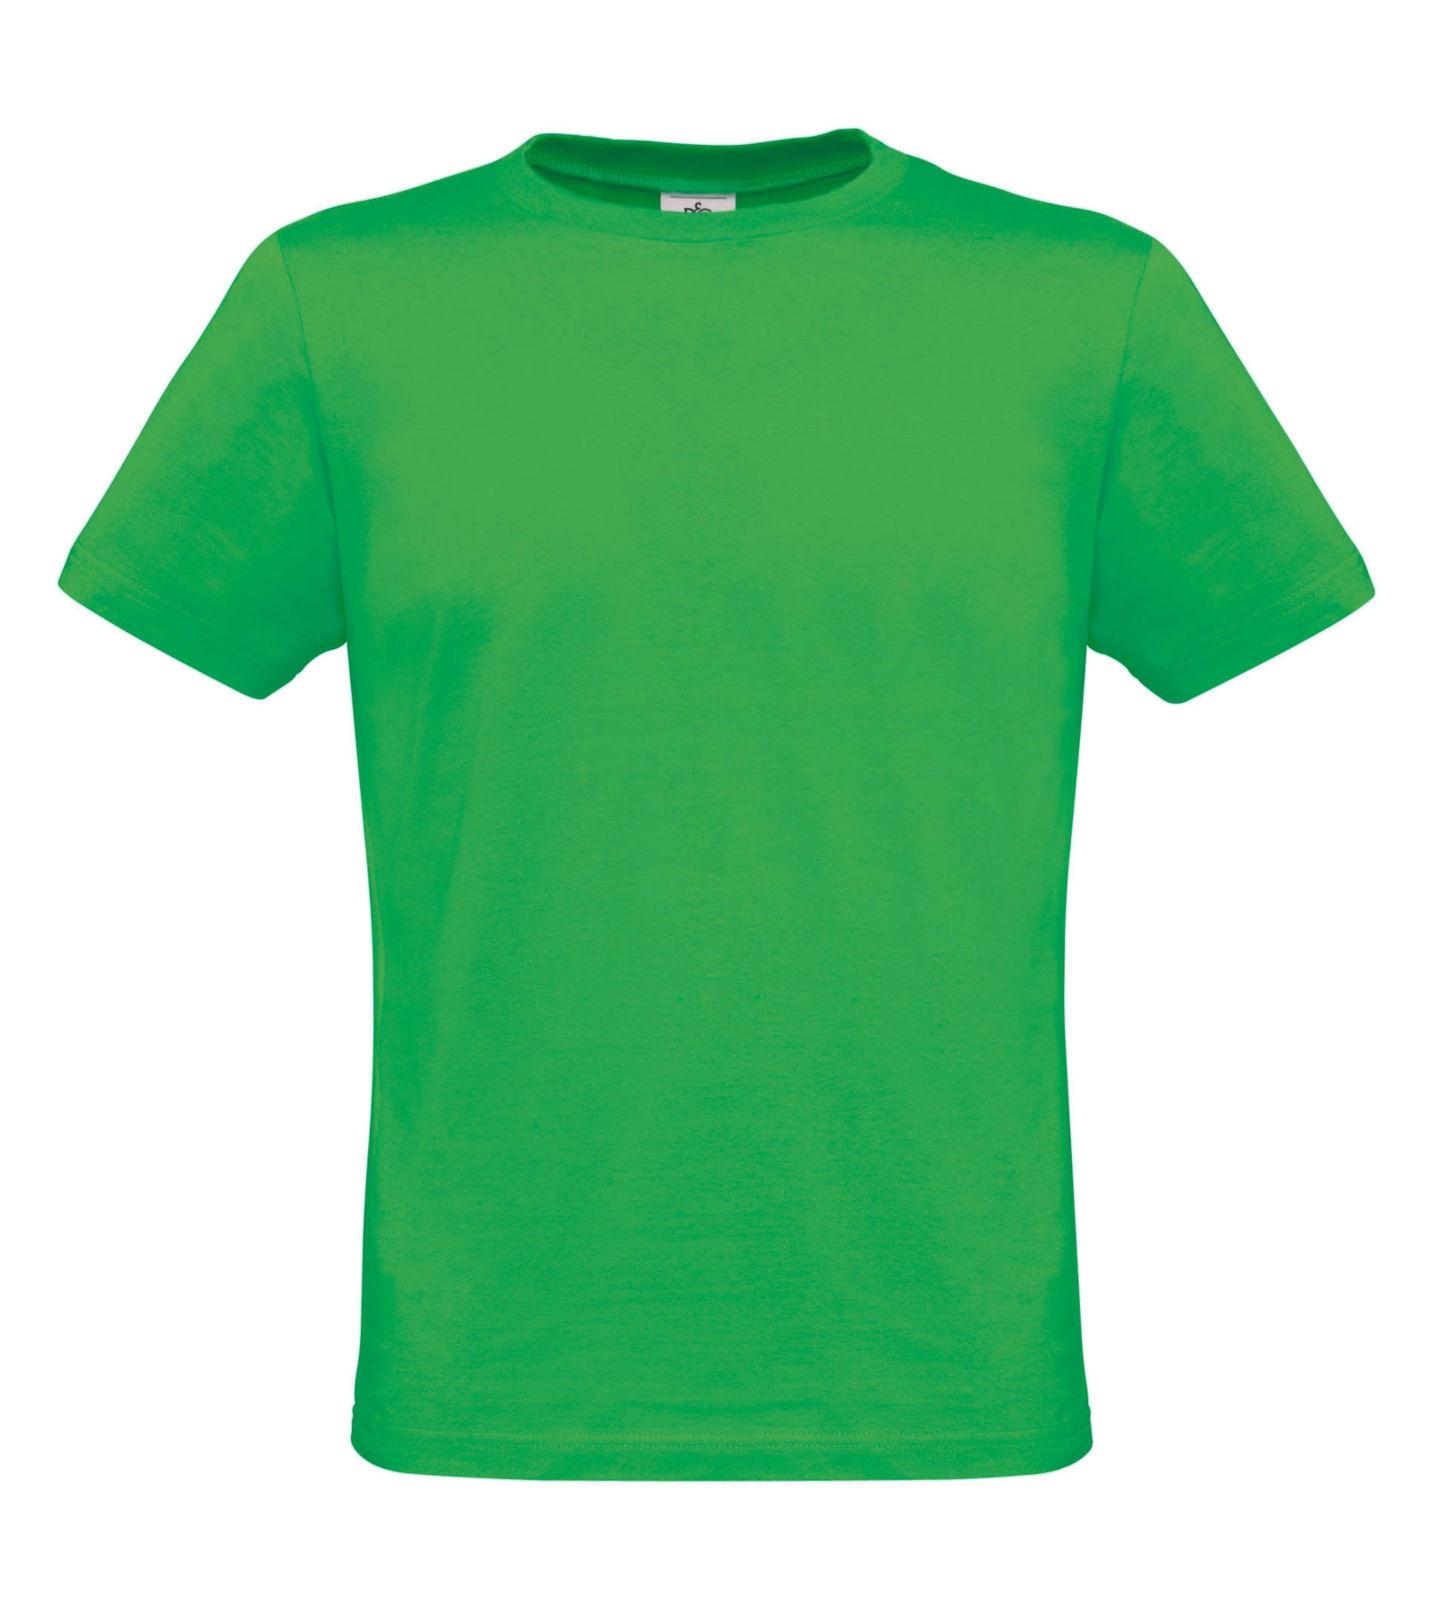 Tee shirt femme sport pas cher